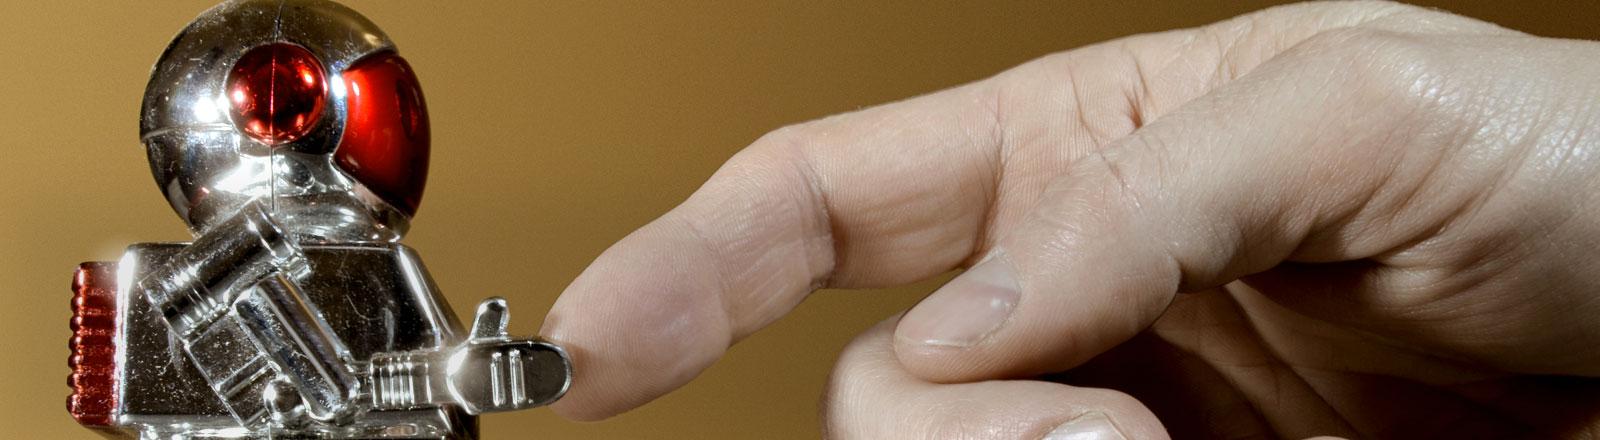 Ein Finger gibt einer kleinen Roboterfigur die Hand.